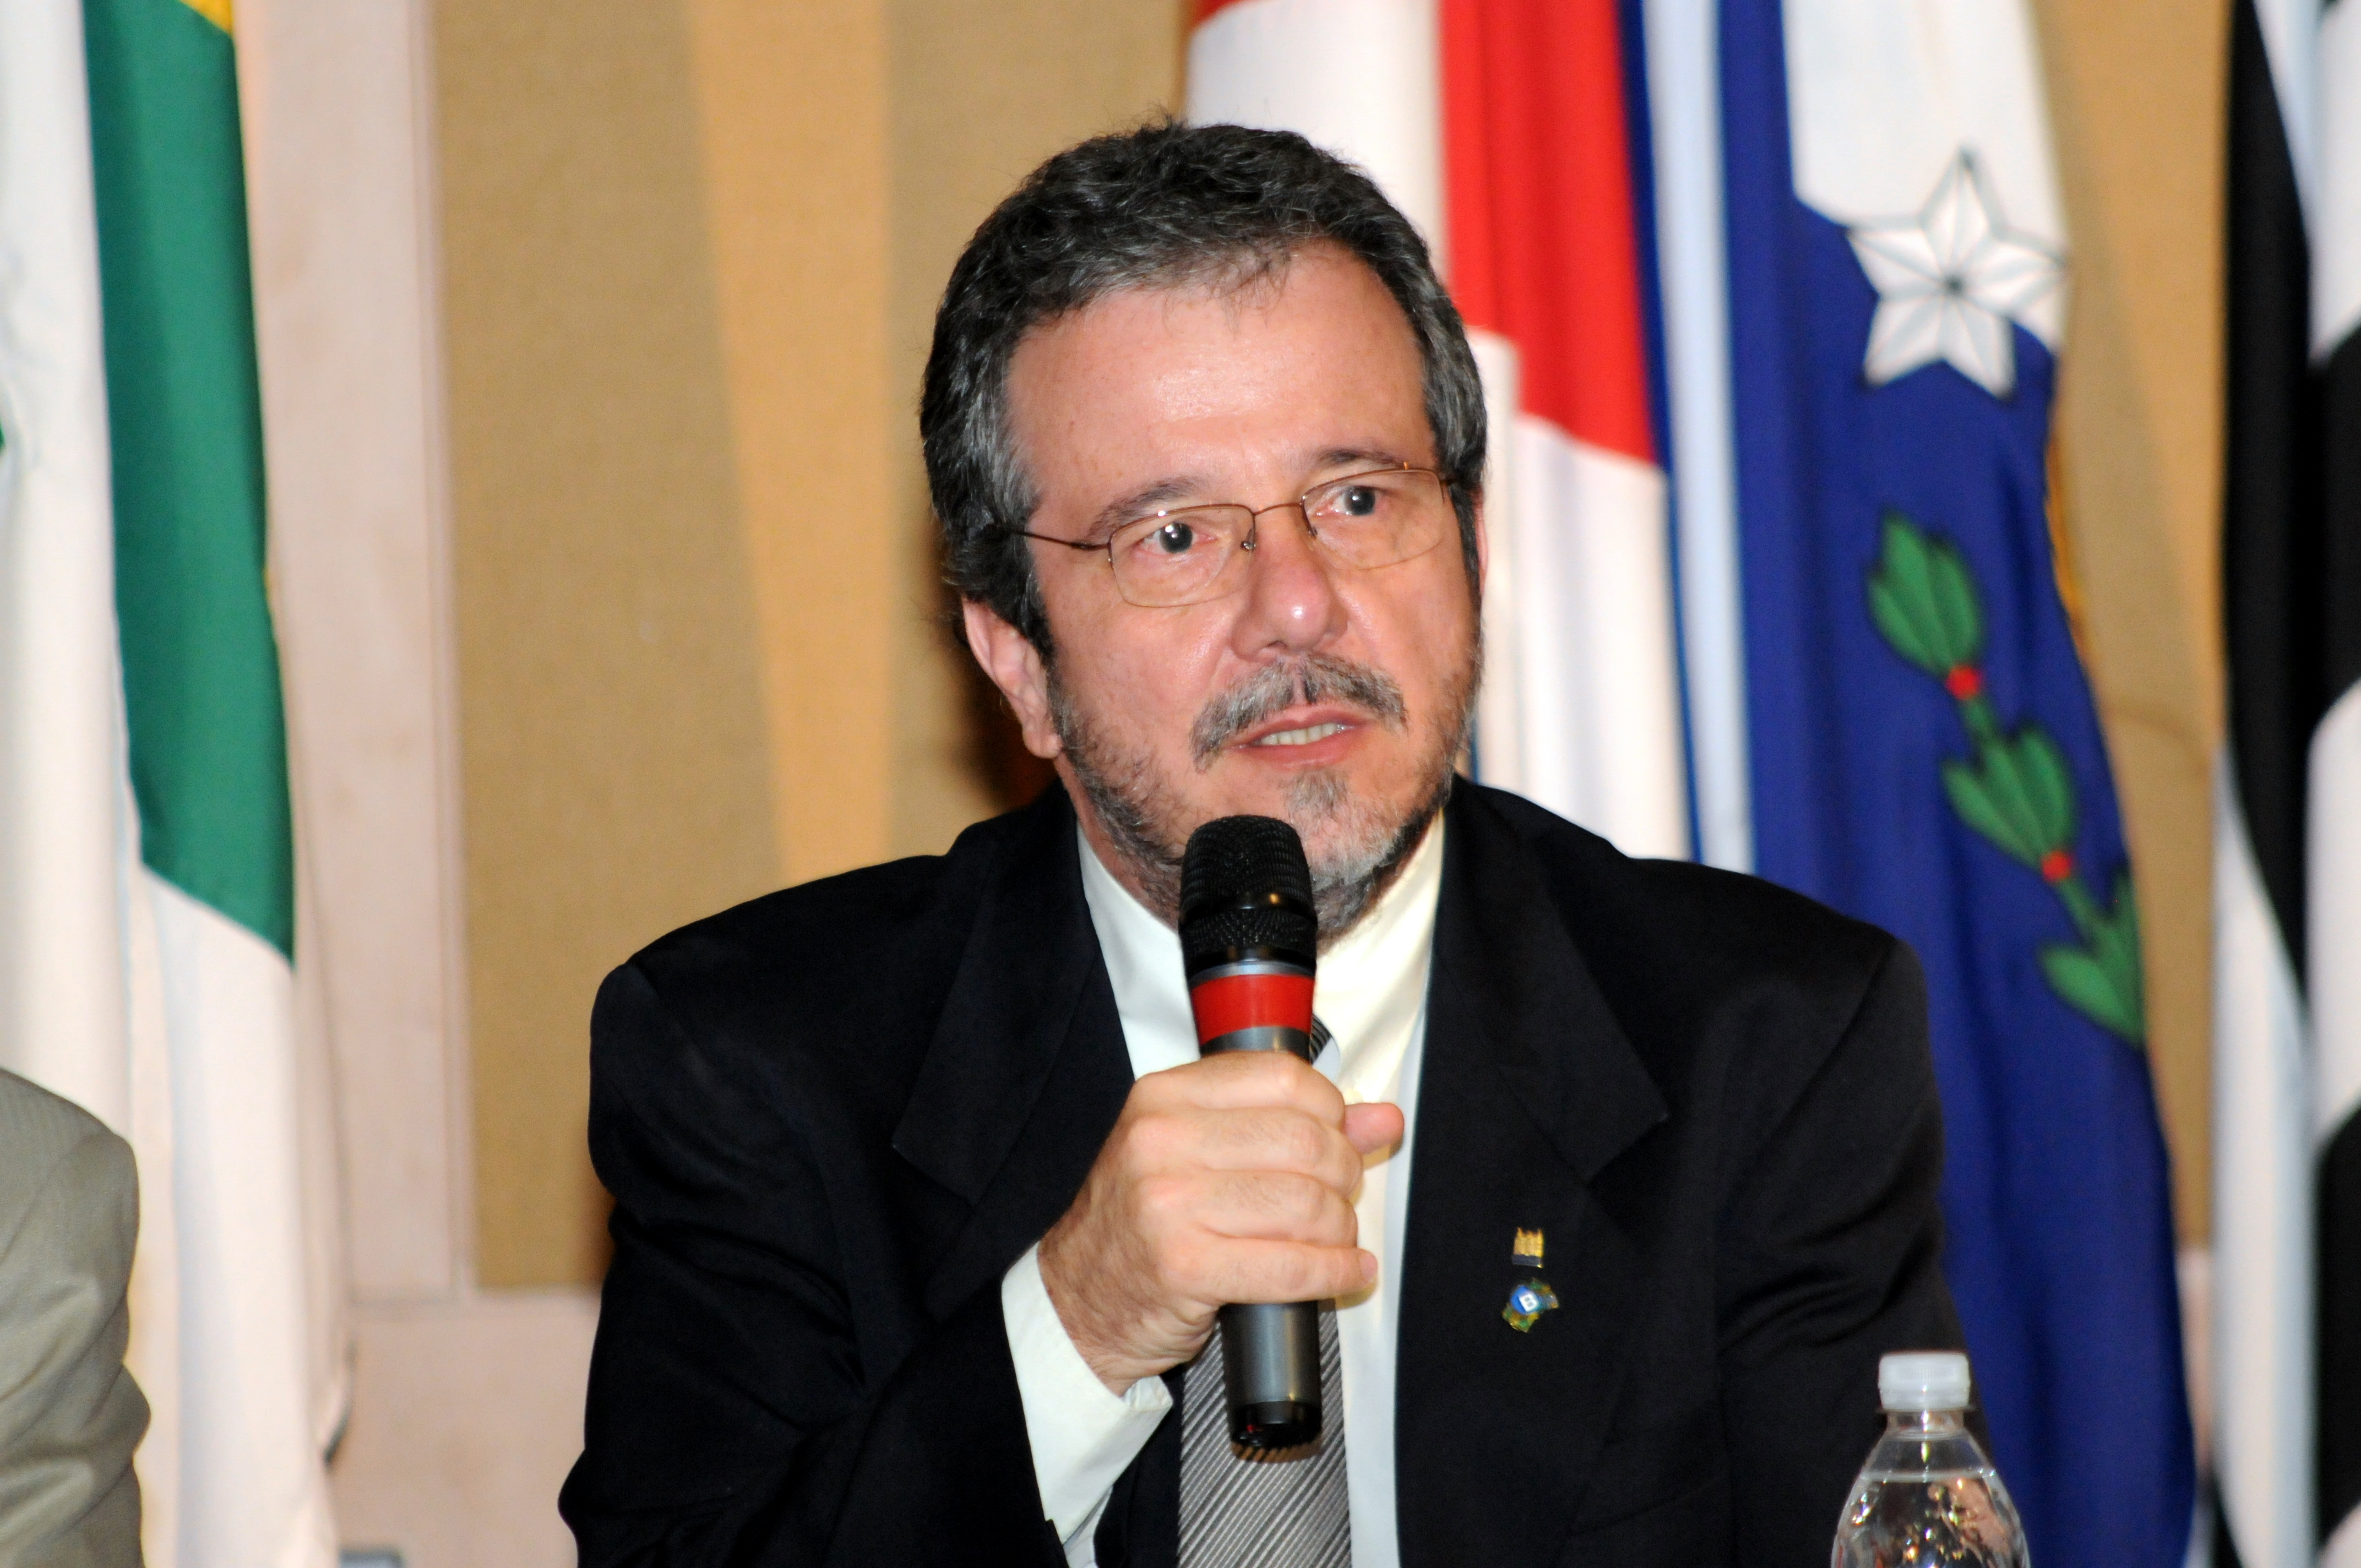 El Dr. João Aprigio Guerra de Almeida es el coordinador del Programa, y responsable de gran parte de su éxito.